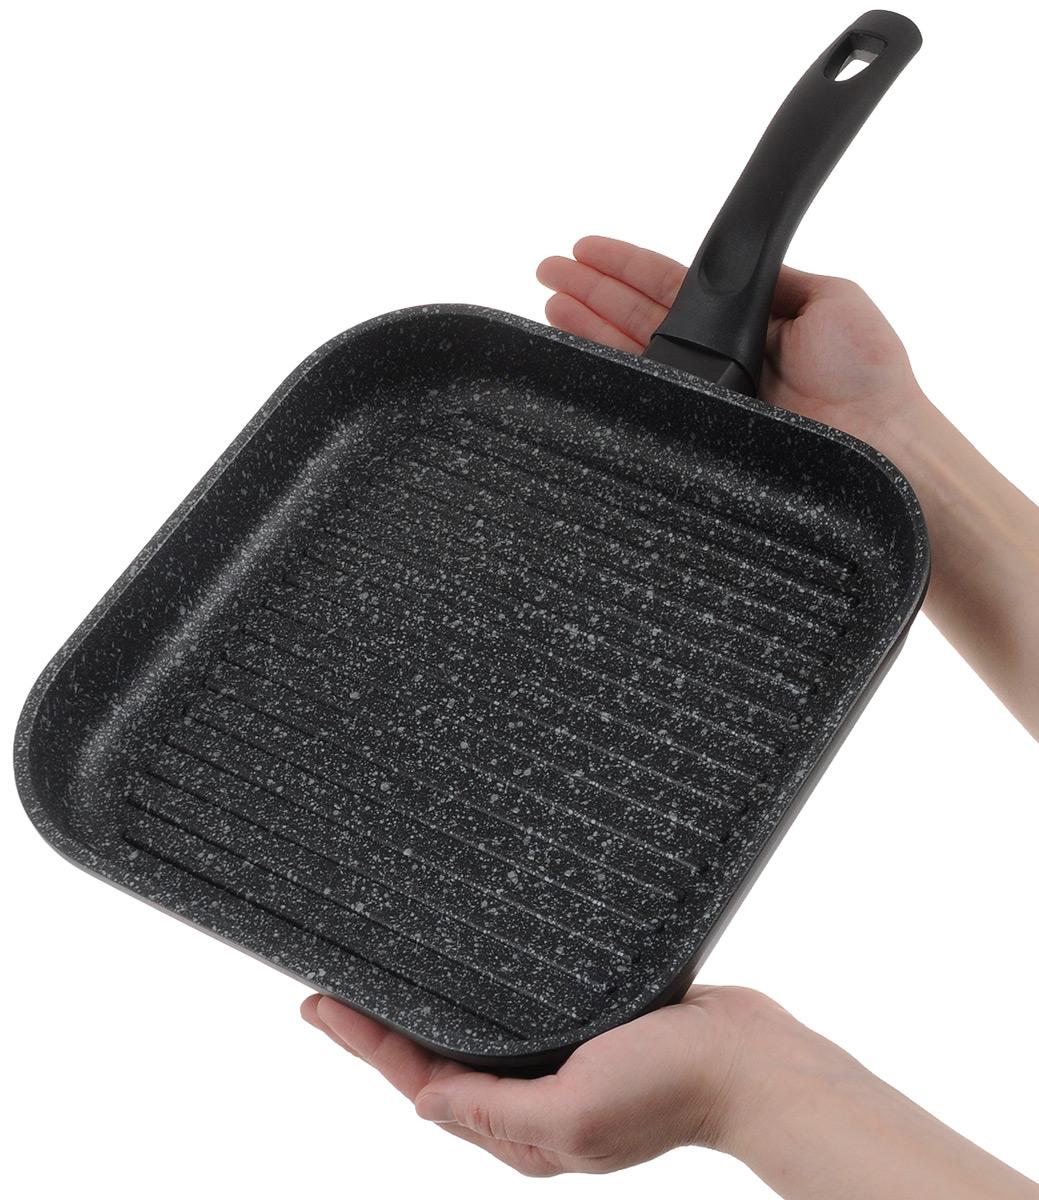 """Сковорода-гриль""""EcoWoo"""" изготовлена из высококачественного литого алюминия. Антипригарное покрытие и рифленая поверхность обеспечивают быстрый и равномерный нагрев. Кроме того, пища не пригорает и не прилипает к стенкам, можно готовить с минимальным добавлением масла и жиров. Комфортная ручка из термостойкого бакелита предотвращает выскальзывание, даже если у вас мокрые руки. EcoWoo - это посуда для безопасного приготовления и подачи блюд, натуральные товары для организация домашнего пространства и поддержания чистоты, аксессуары для здорового образа жизни. EcoWoo - признанное, истинное ЭКО. Подходит для газовых, электрических, стеклокерамических плит. Не подходит для индукционных плит. Не рекомендуется использование в посудомоечной машине. Размер по верхнему краю: 26 х 26 см.Высота стенки: 4,5 см. Толщина стенки: 5 мм.Толщина дна: 5 мм.Длина ручки: 19 см."""